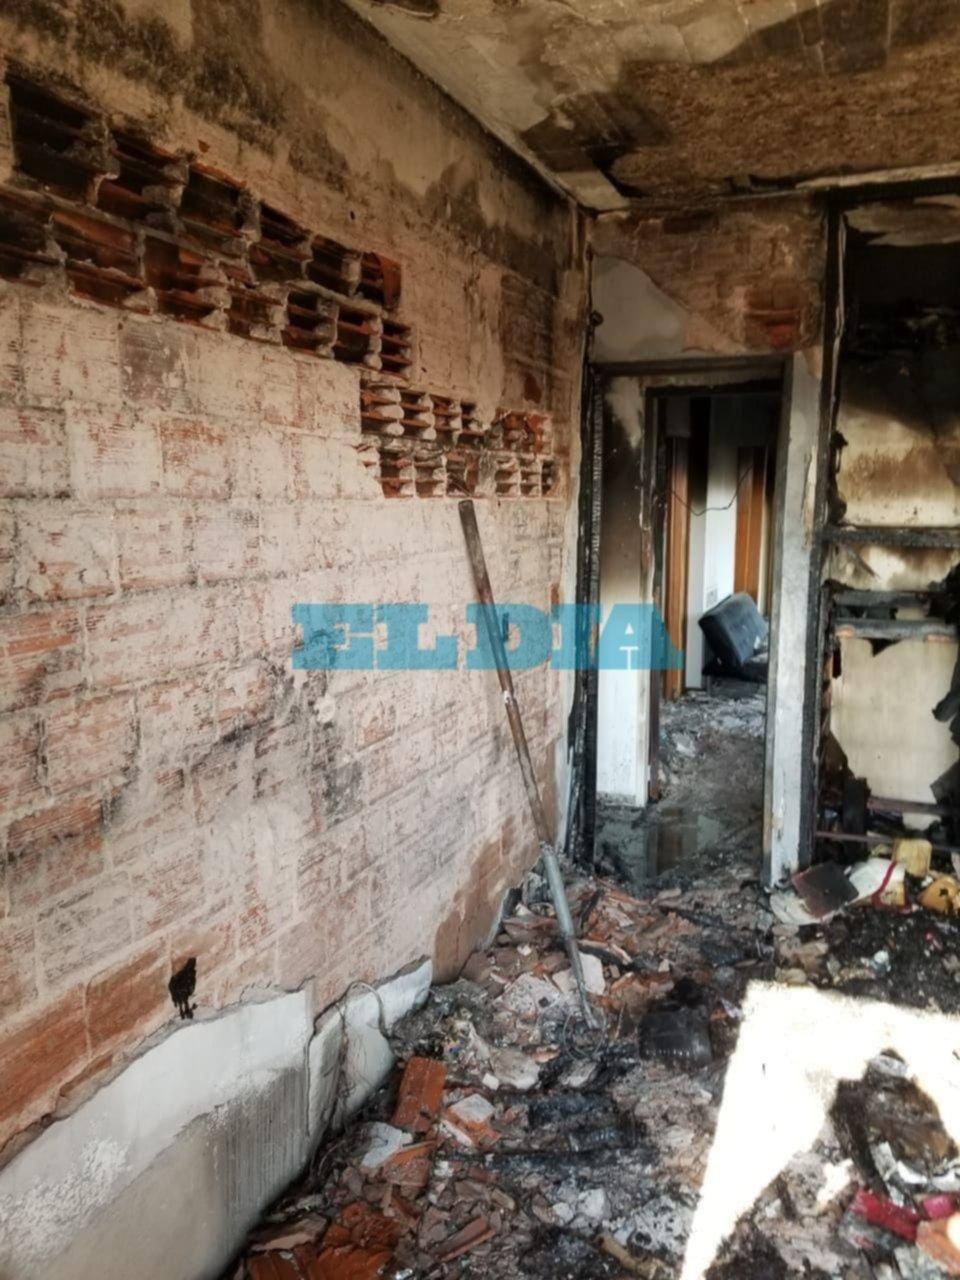 Fotos.- Así quedó por dentro el departamento incendiado en 7 y 50